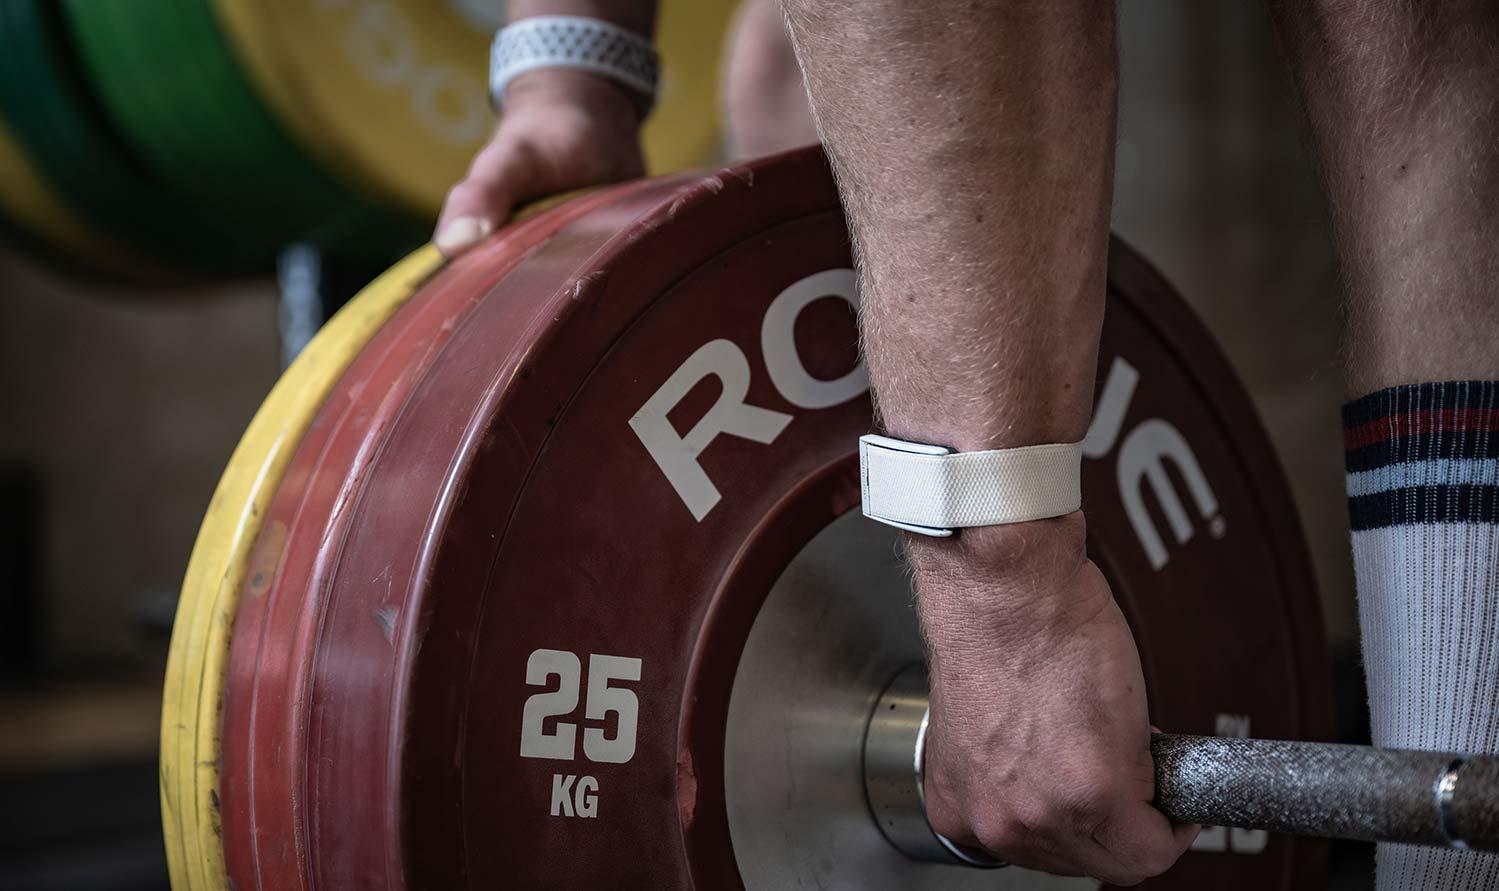 Muskelregeneration